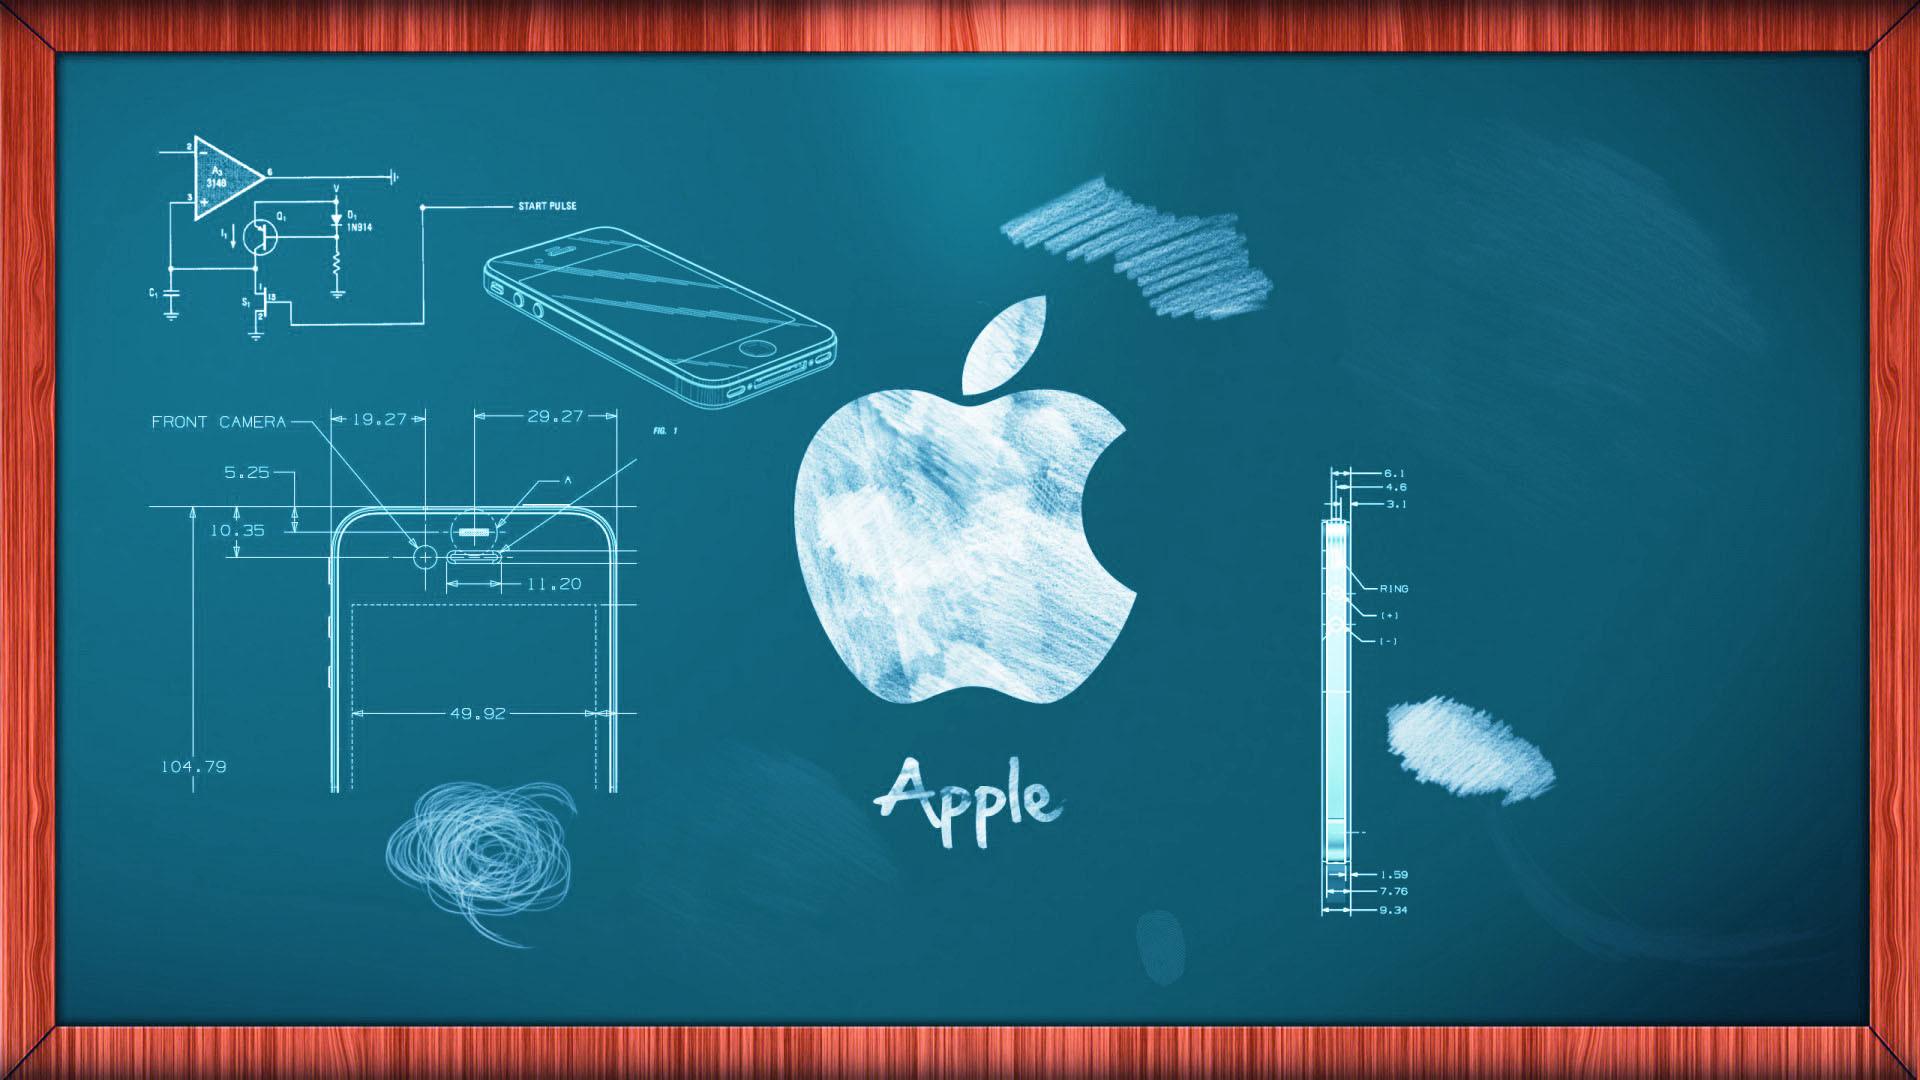 Macbook pro desktop wallpaper 68 images - Full hd wallpapers for macbook pro ...